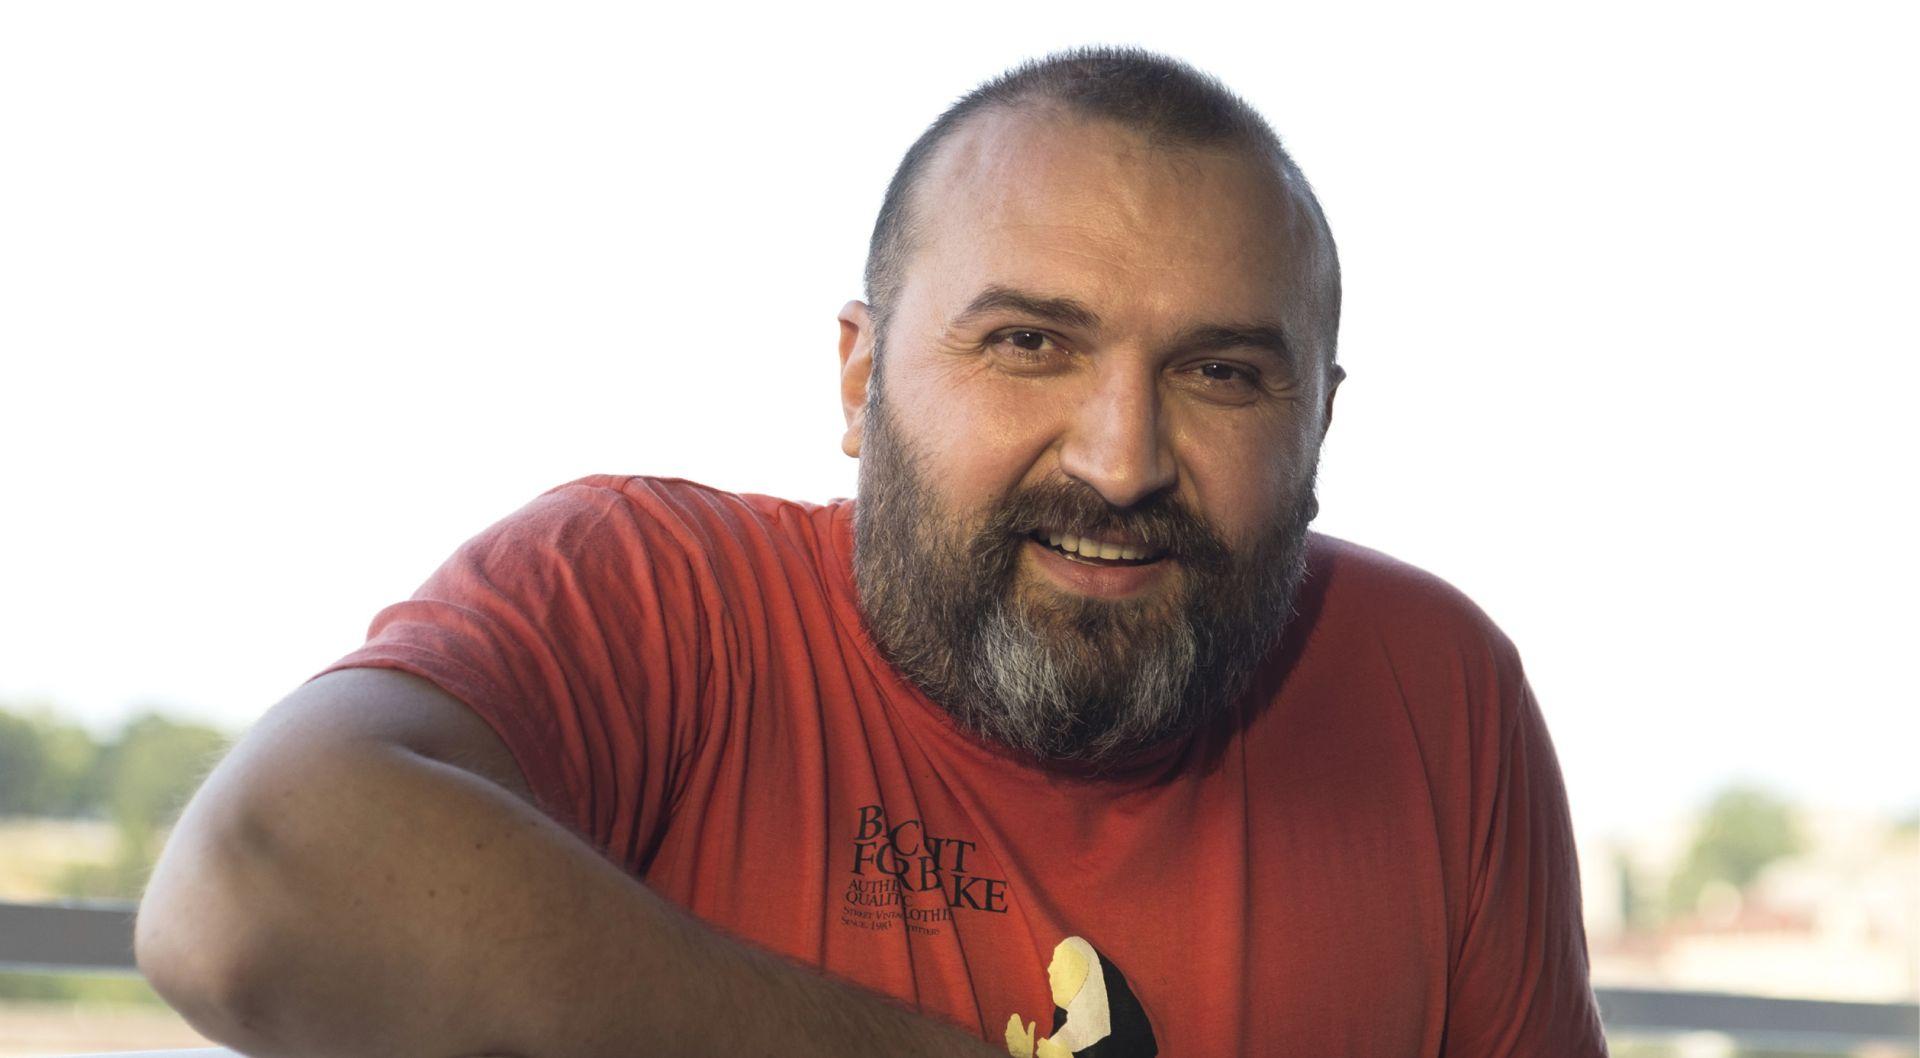 INTERVIEW: IVAN JOVIĆ 'Svjedoci ustaškog zla nose krivnju što su živi, a njihovi bližnji nisu'